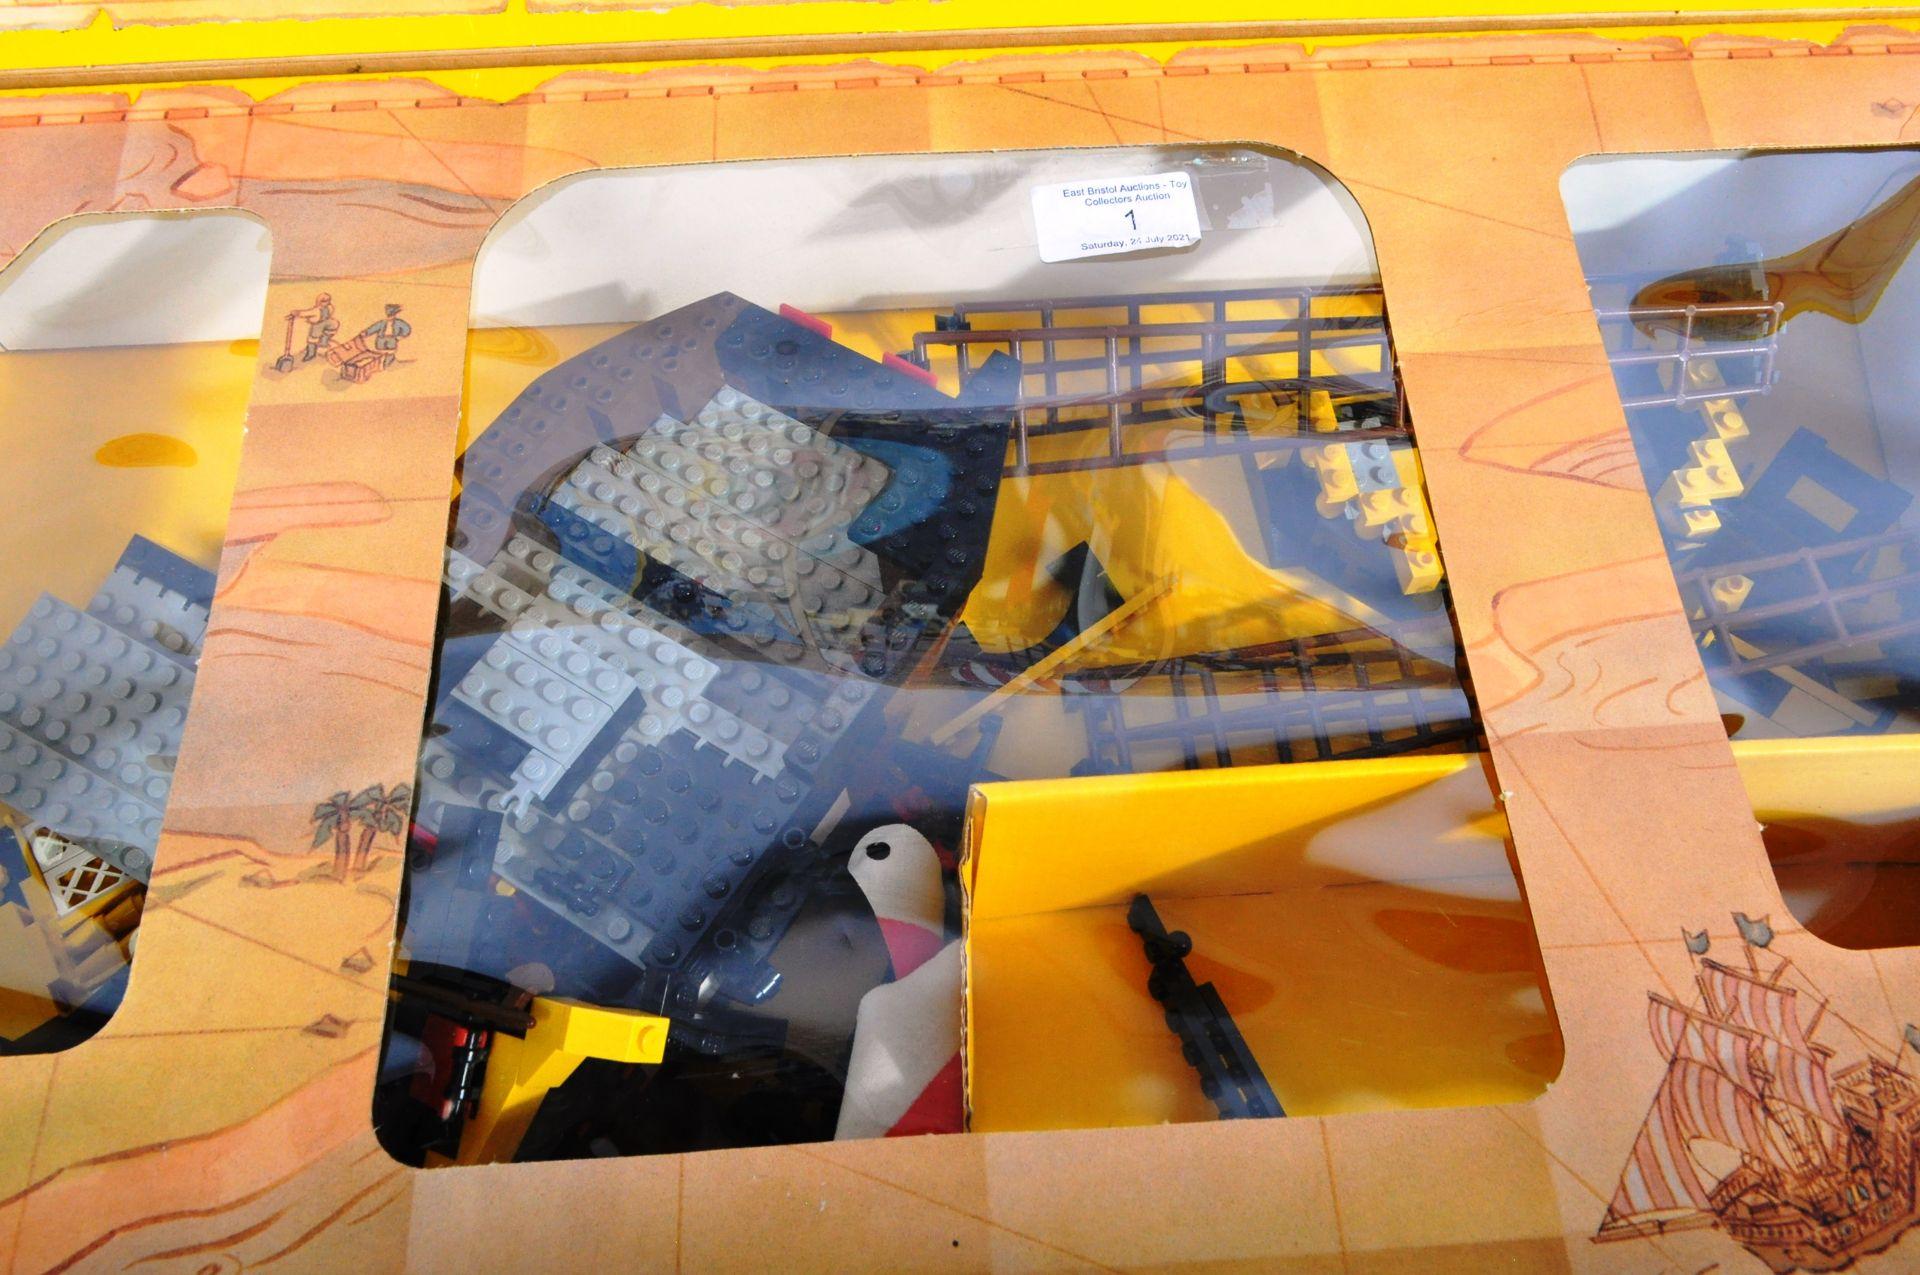 LEGO SET - LEGO LAND - 6285 - BLACK SEAS BARRACUDA - Image 5 of 8